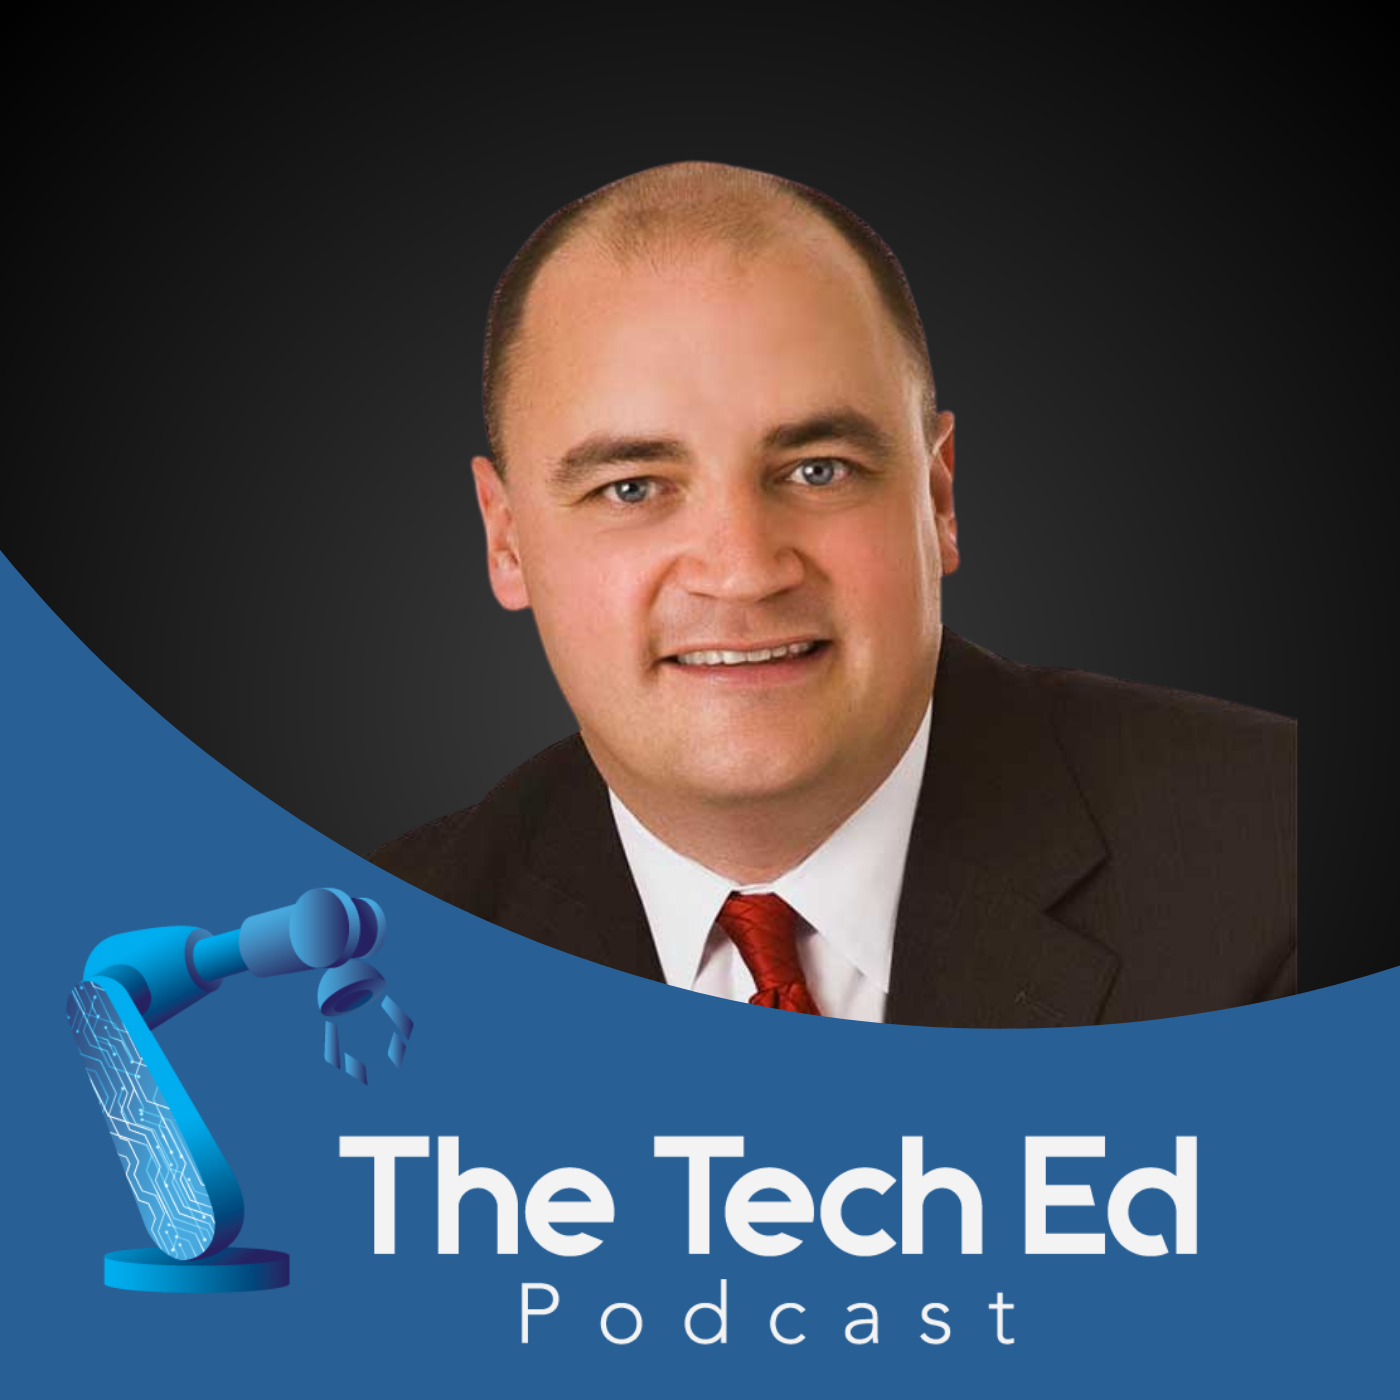 Matt Kirchner on The TechEd Podcast